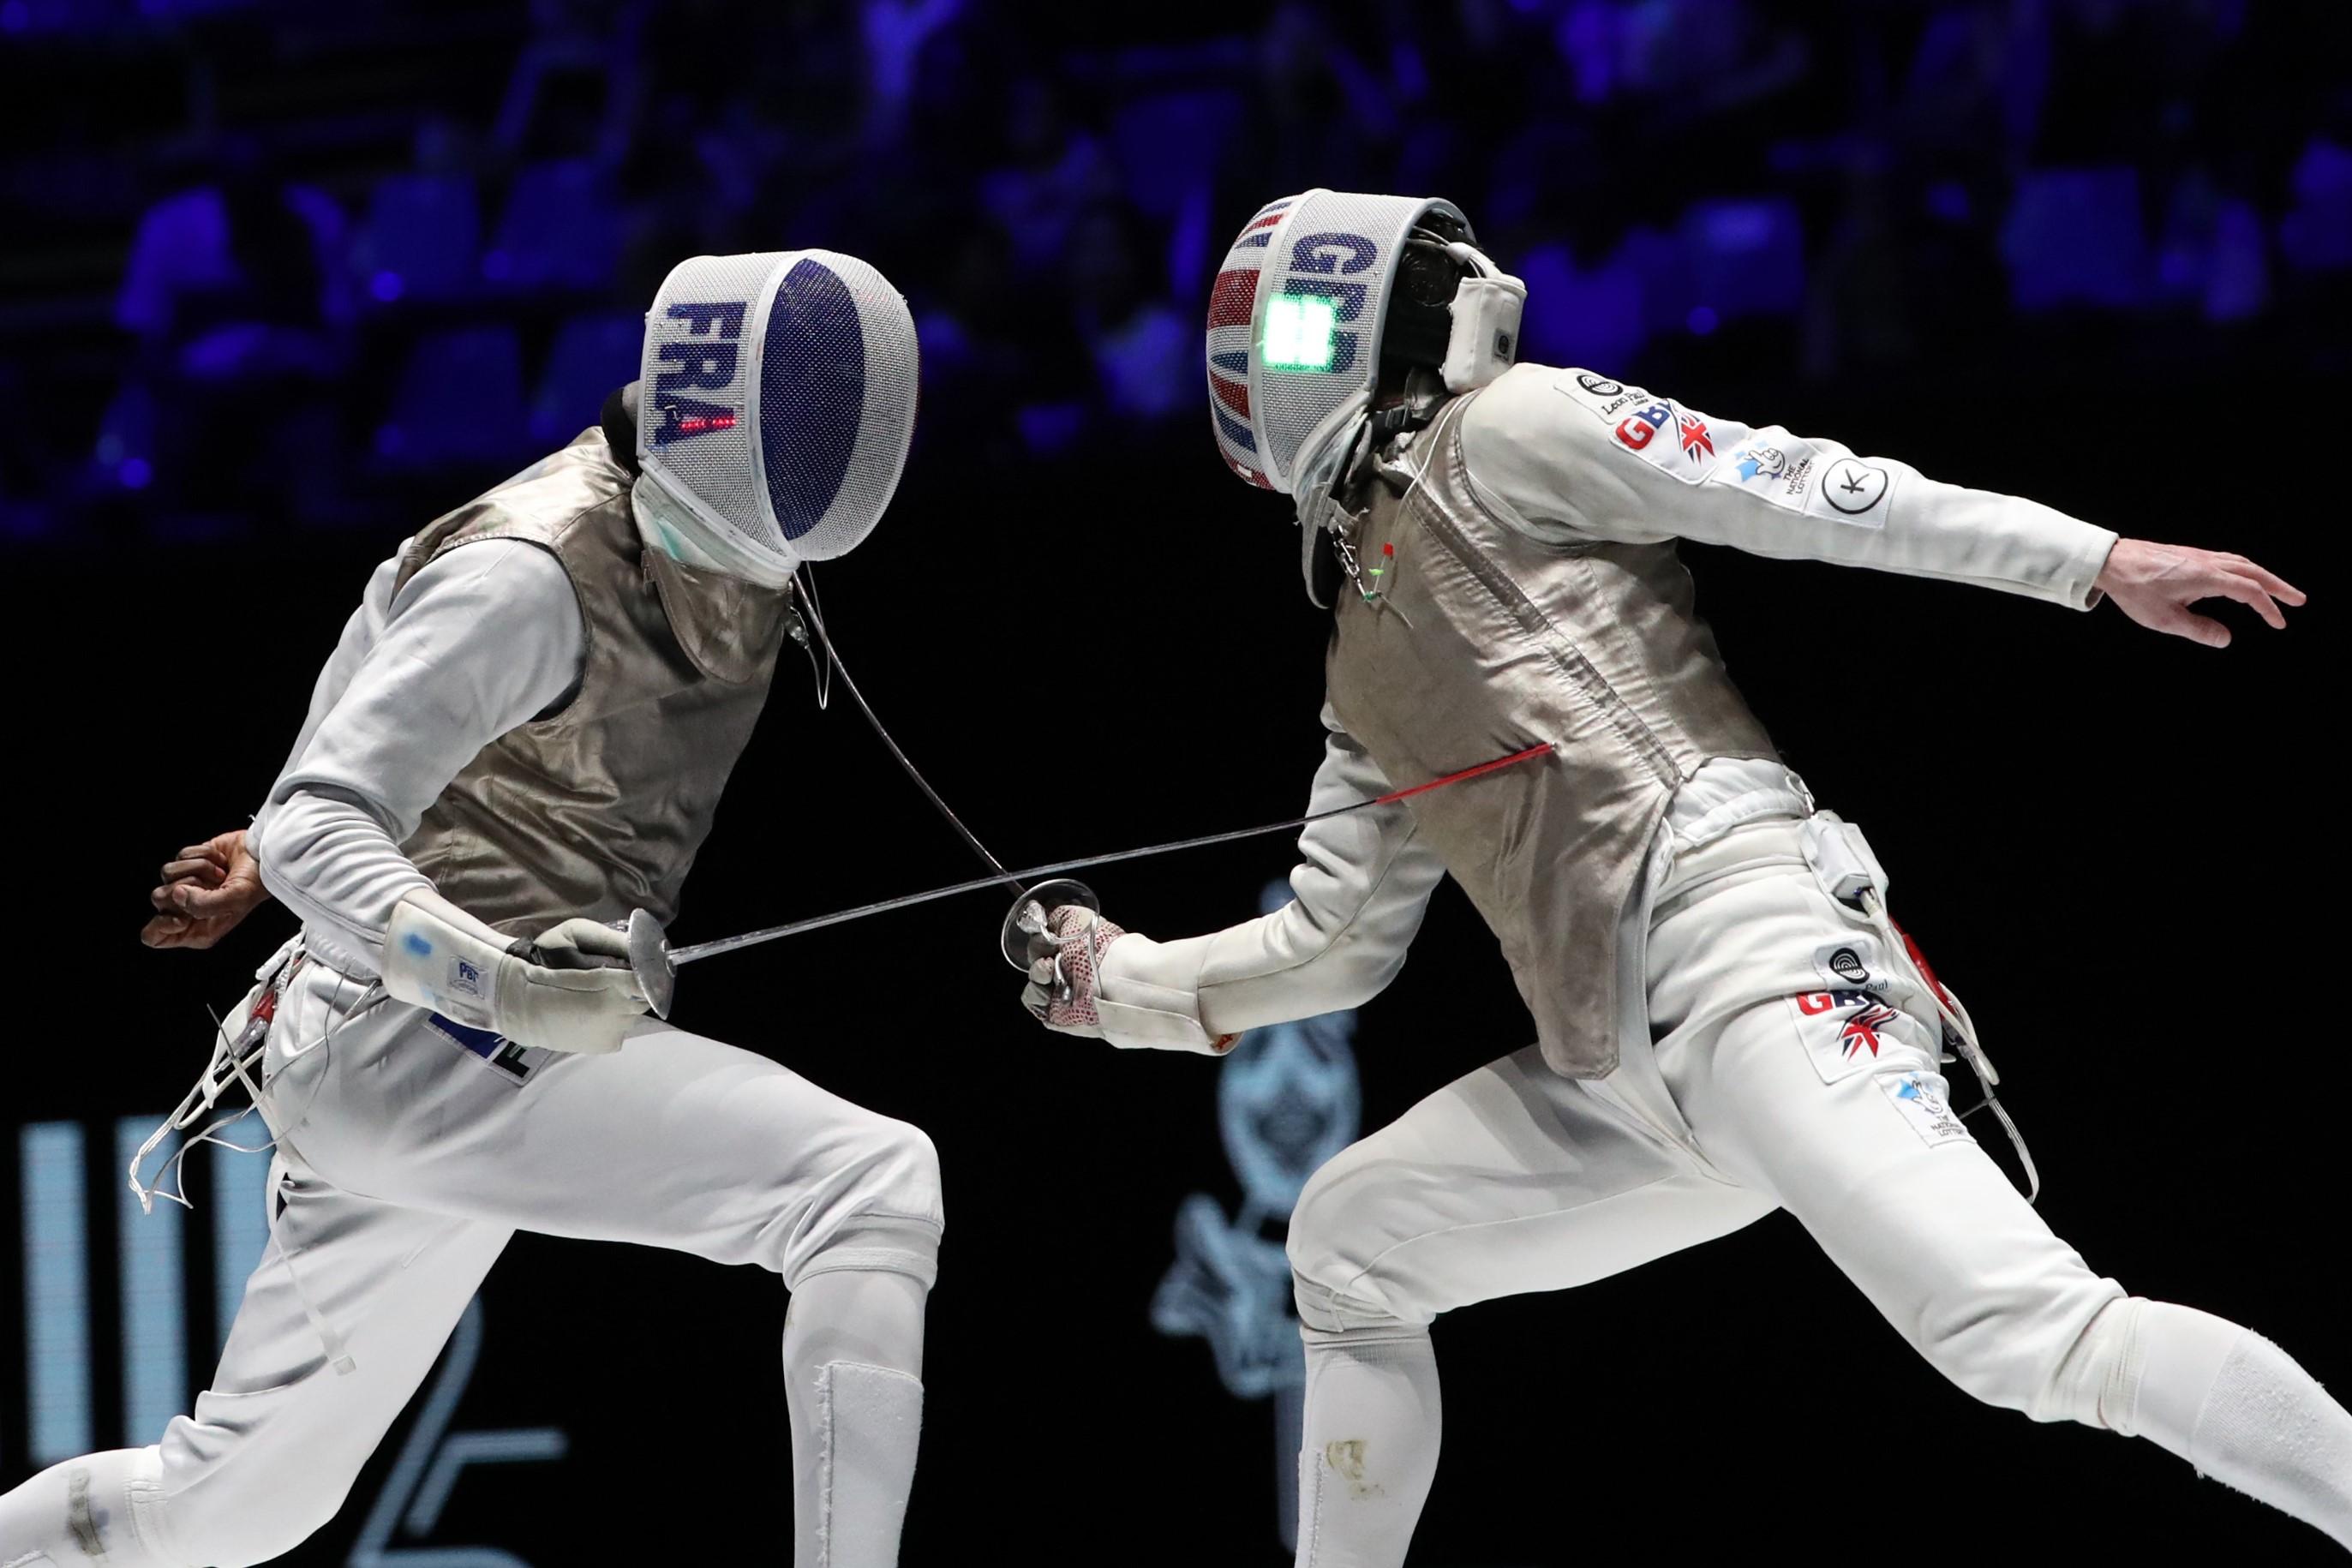 Marcus Mepstead & Enzo Lefort (2019 Eskrim Dünya Şampiyonası)